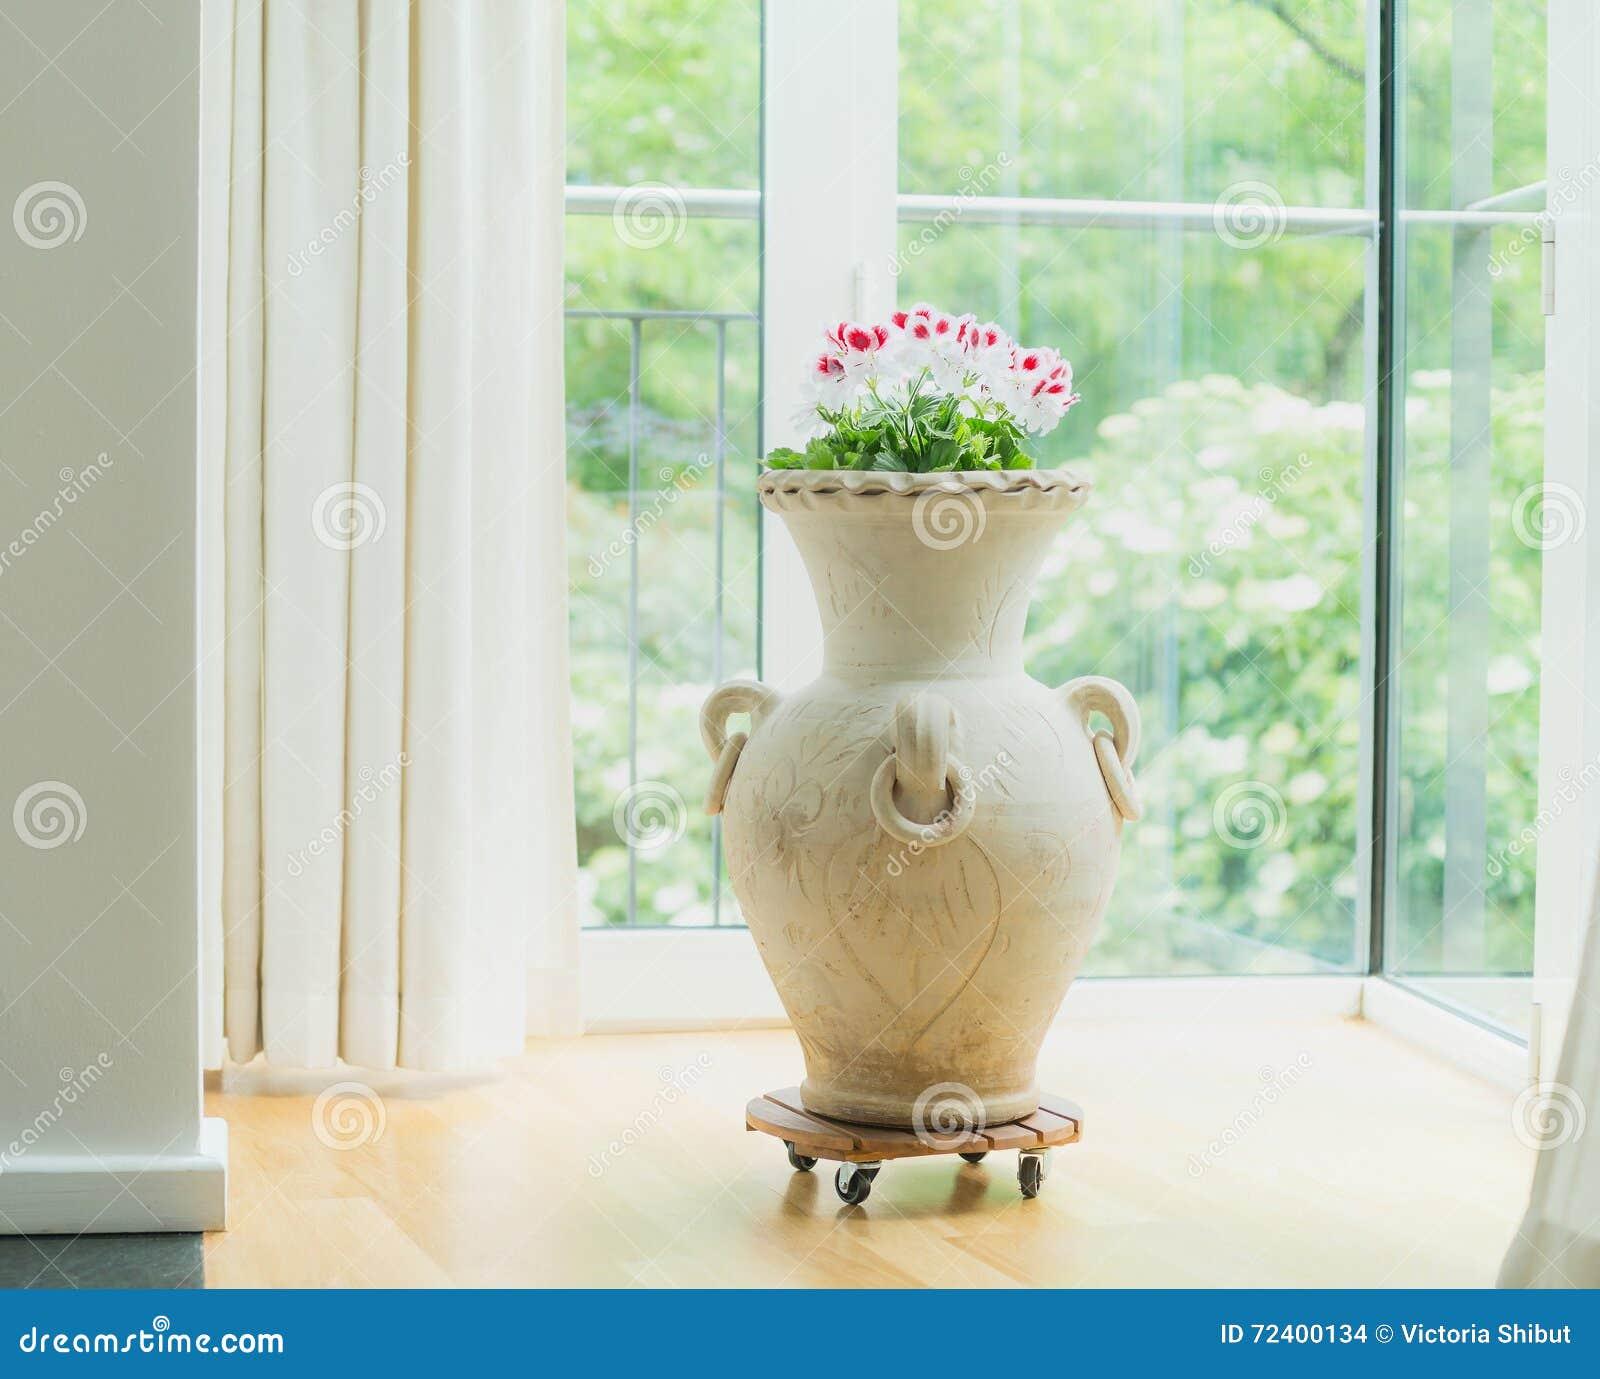 Decorazione domestica con l 39 anfora o il vaso di terracotta for Finestra con fiori disegno